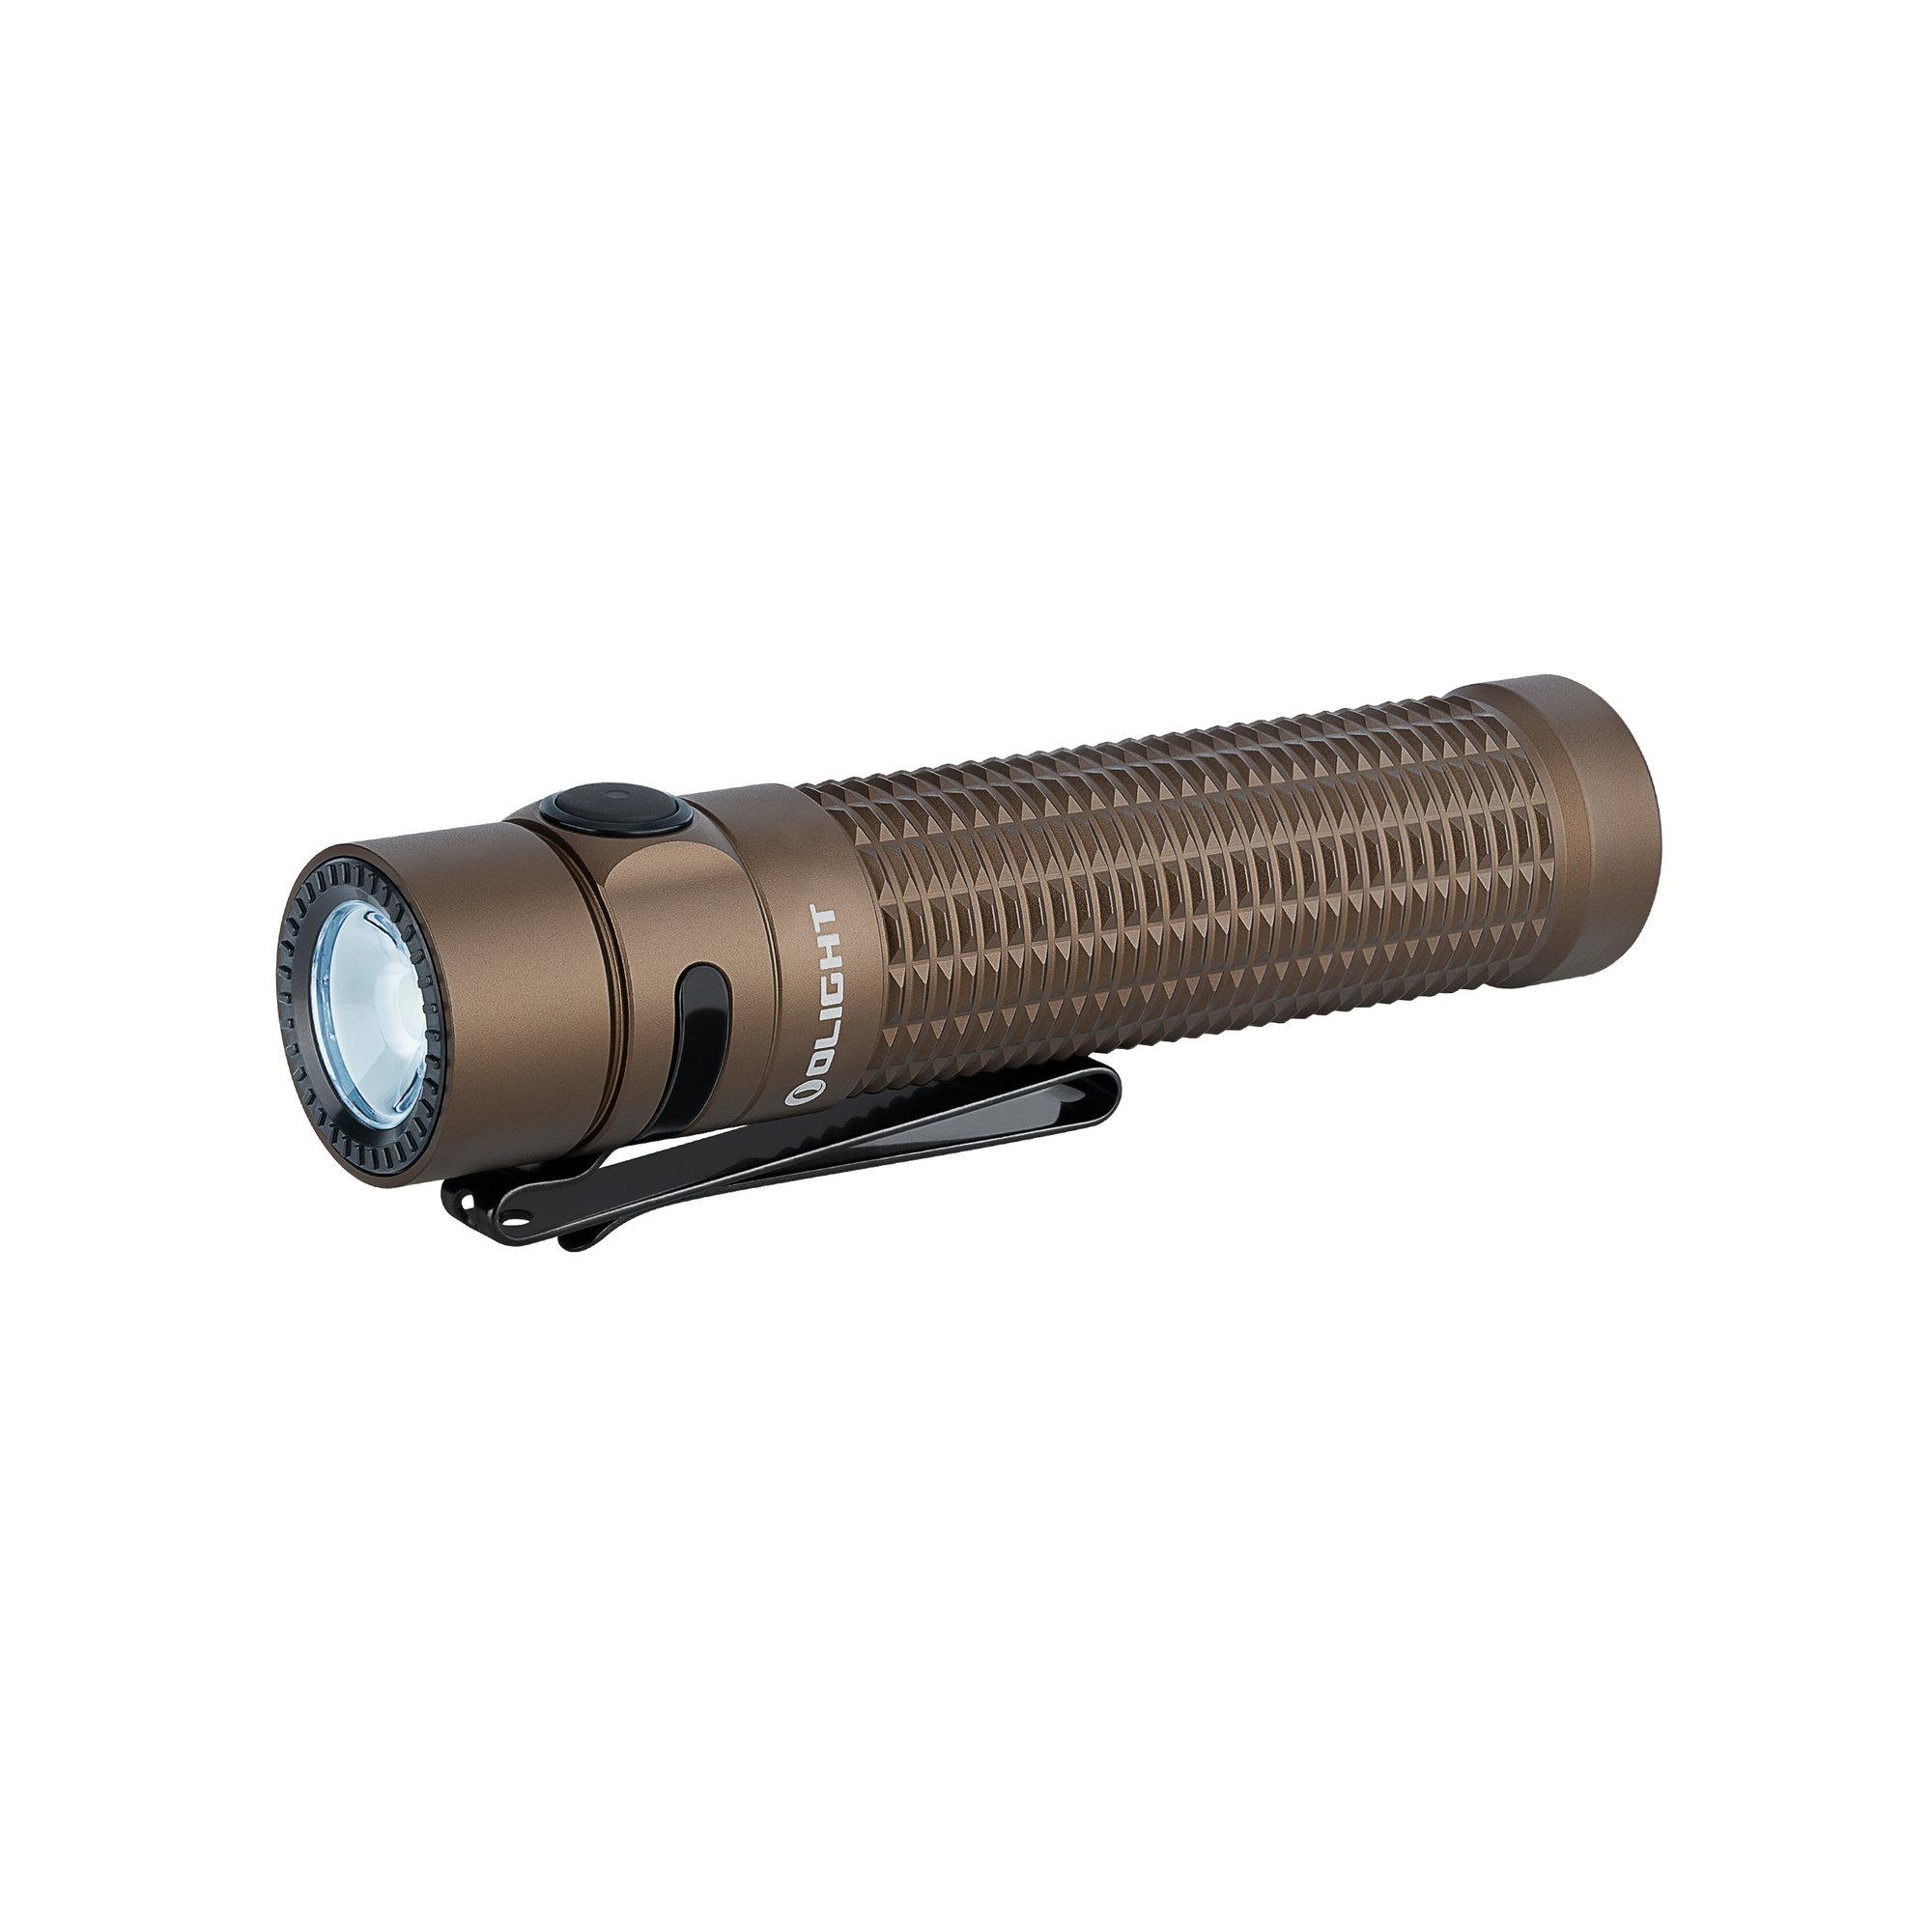 LED baterka Olight Warrior Mini 1500 lm - Desert